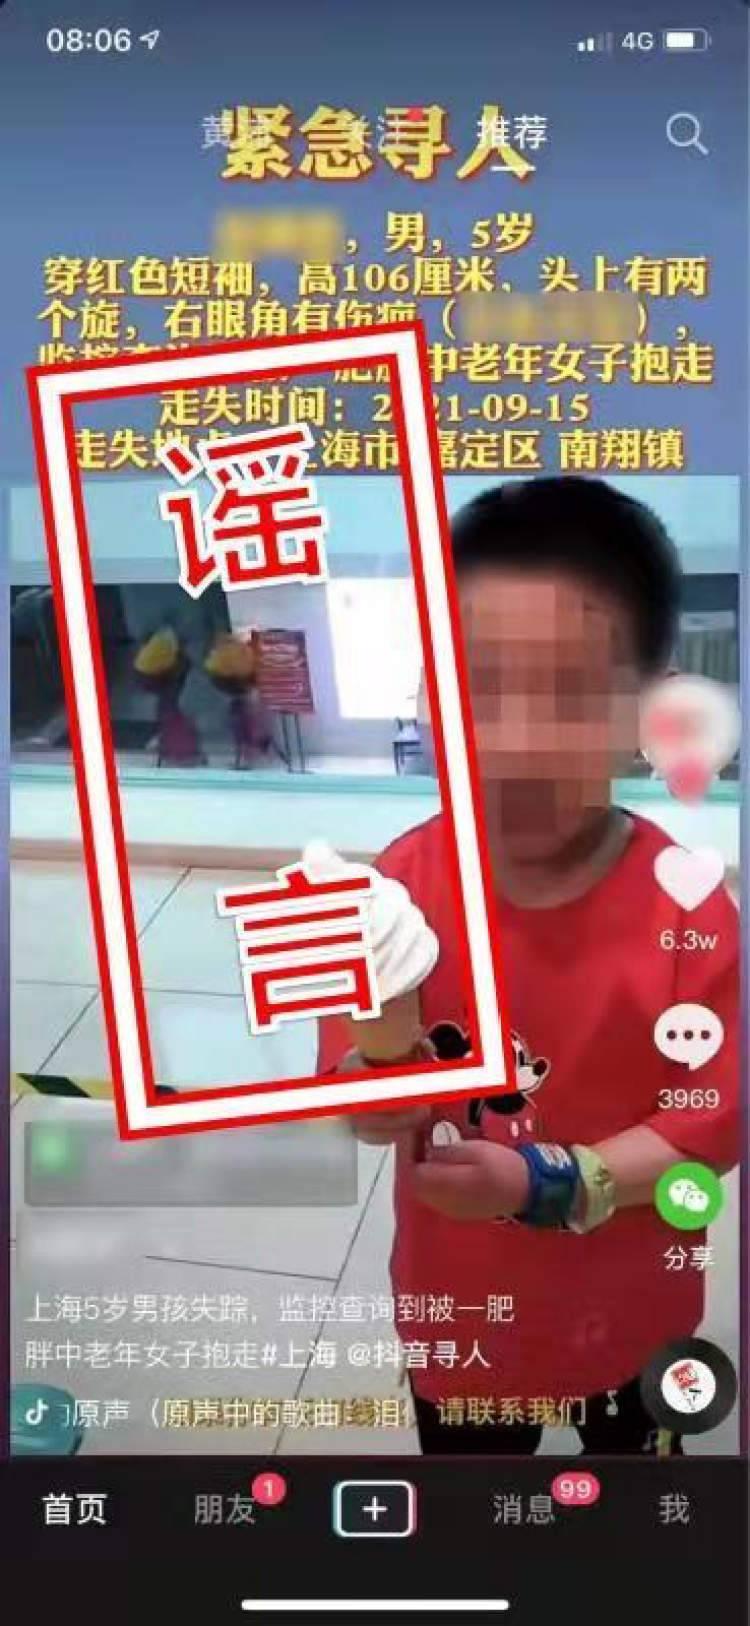 五岁男孩被一中年女子抱走?上海警方:男童在母亲监护之下